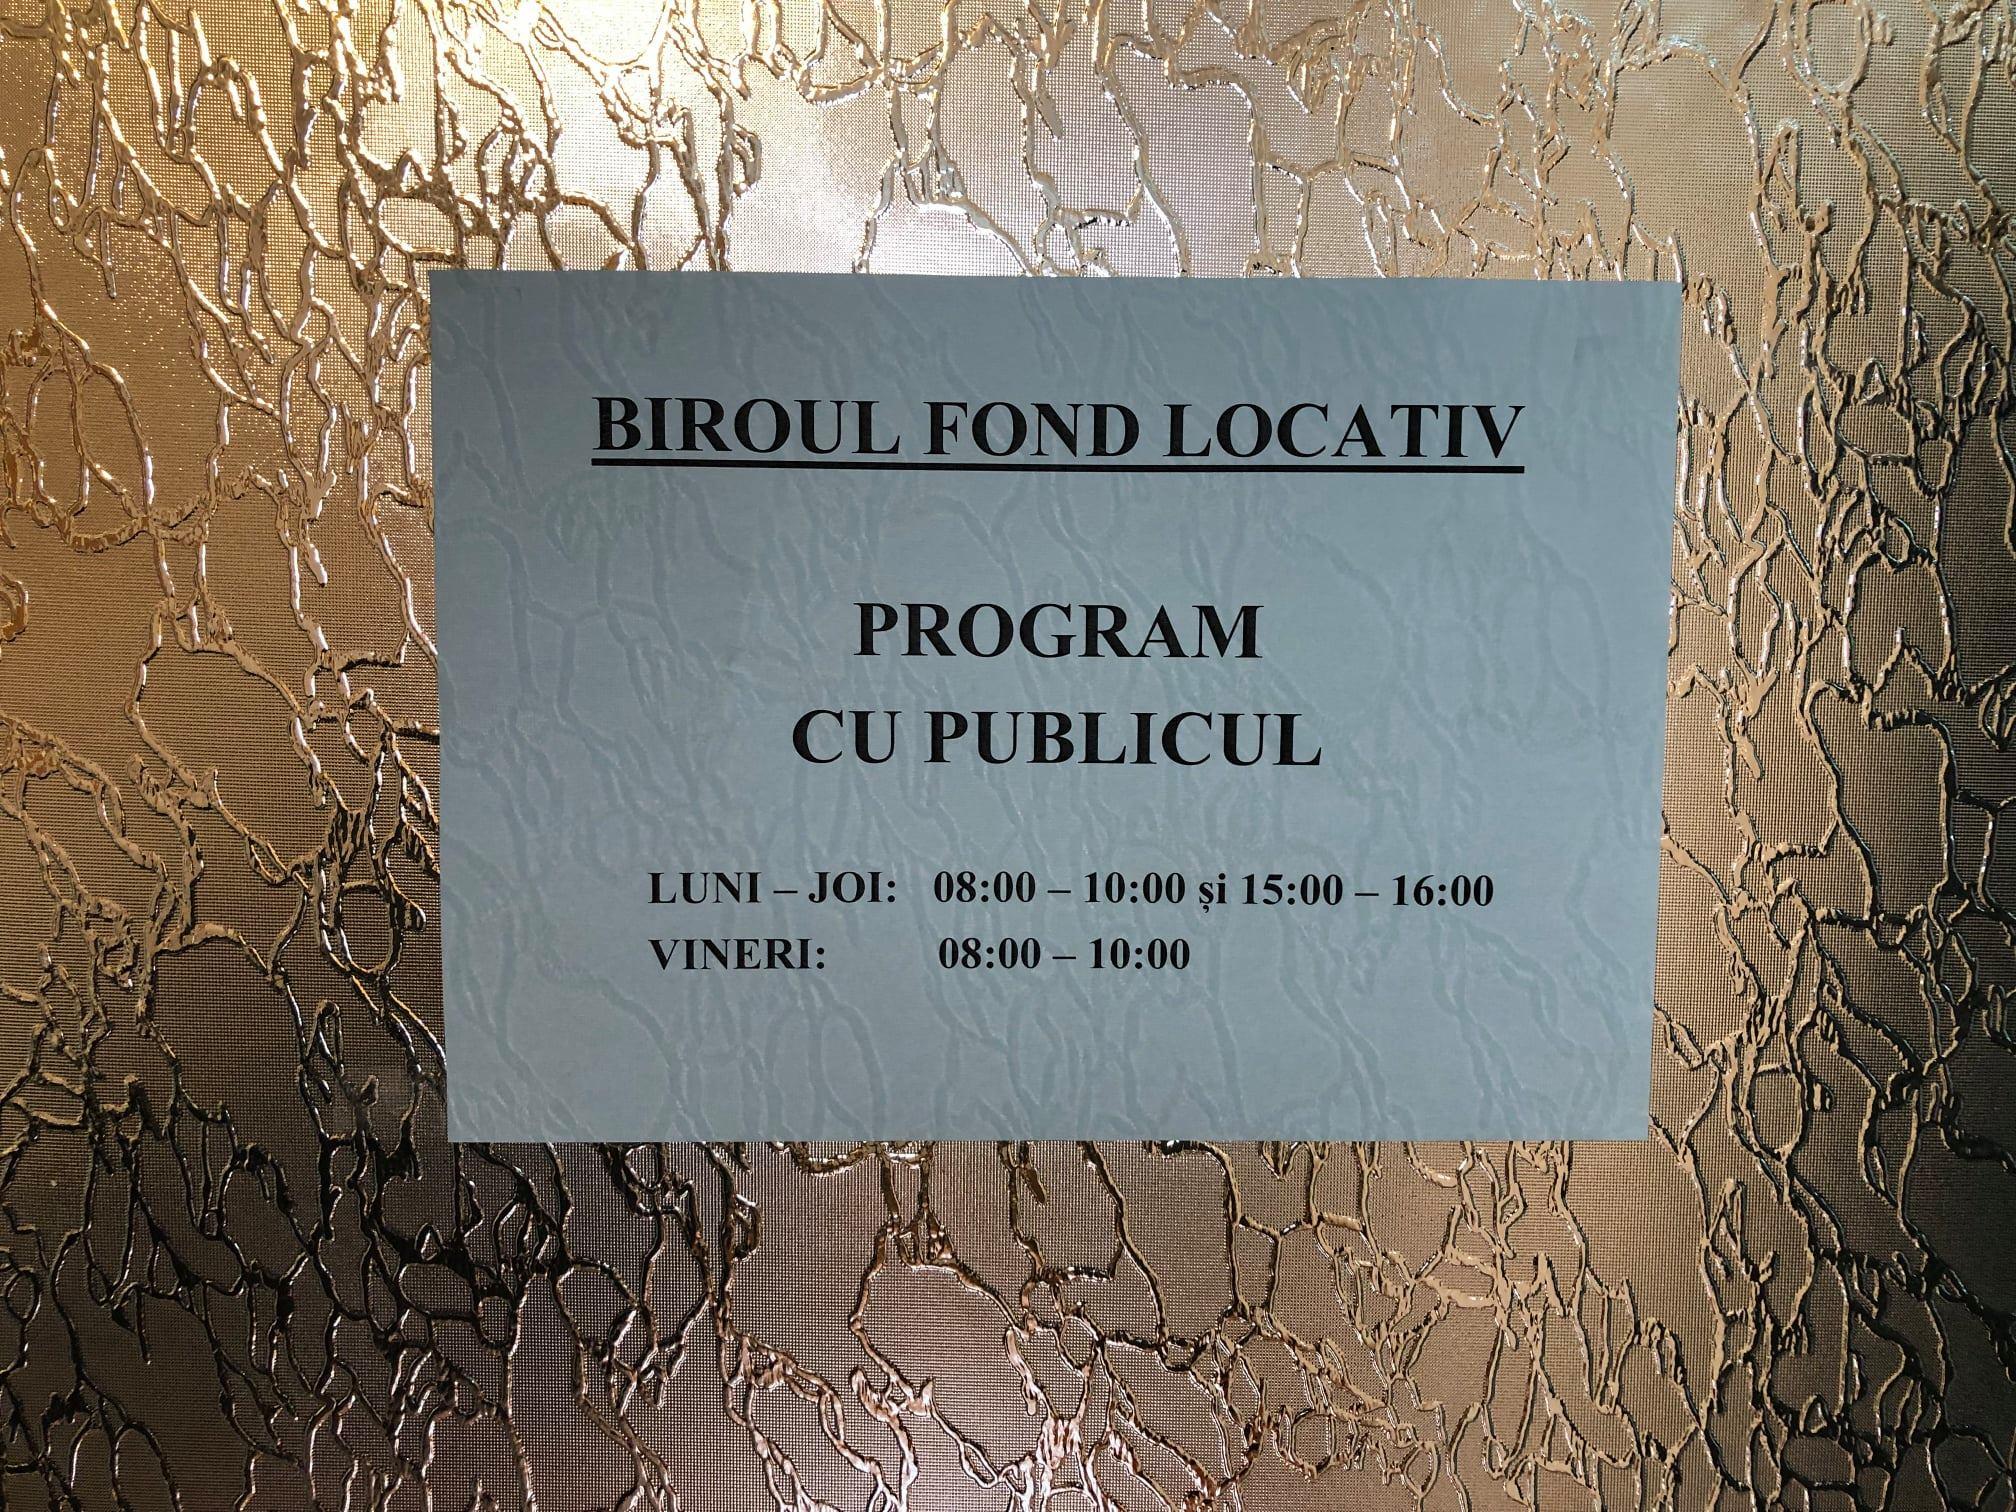 Biroul Fond Locativ, din Deva, își modifică programul de lucru cu publicul